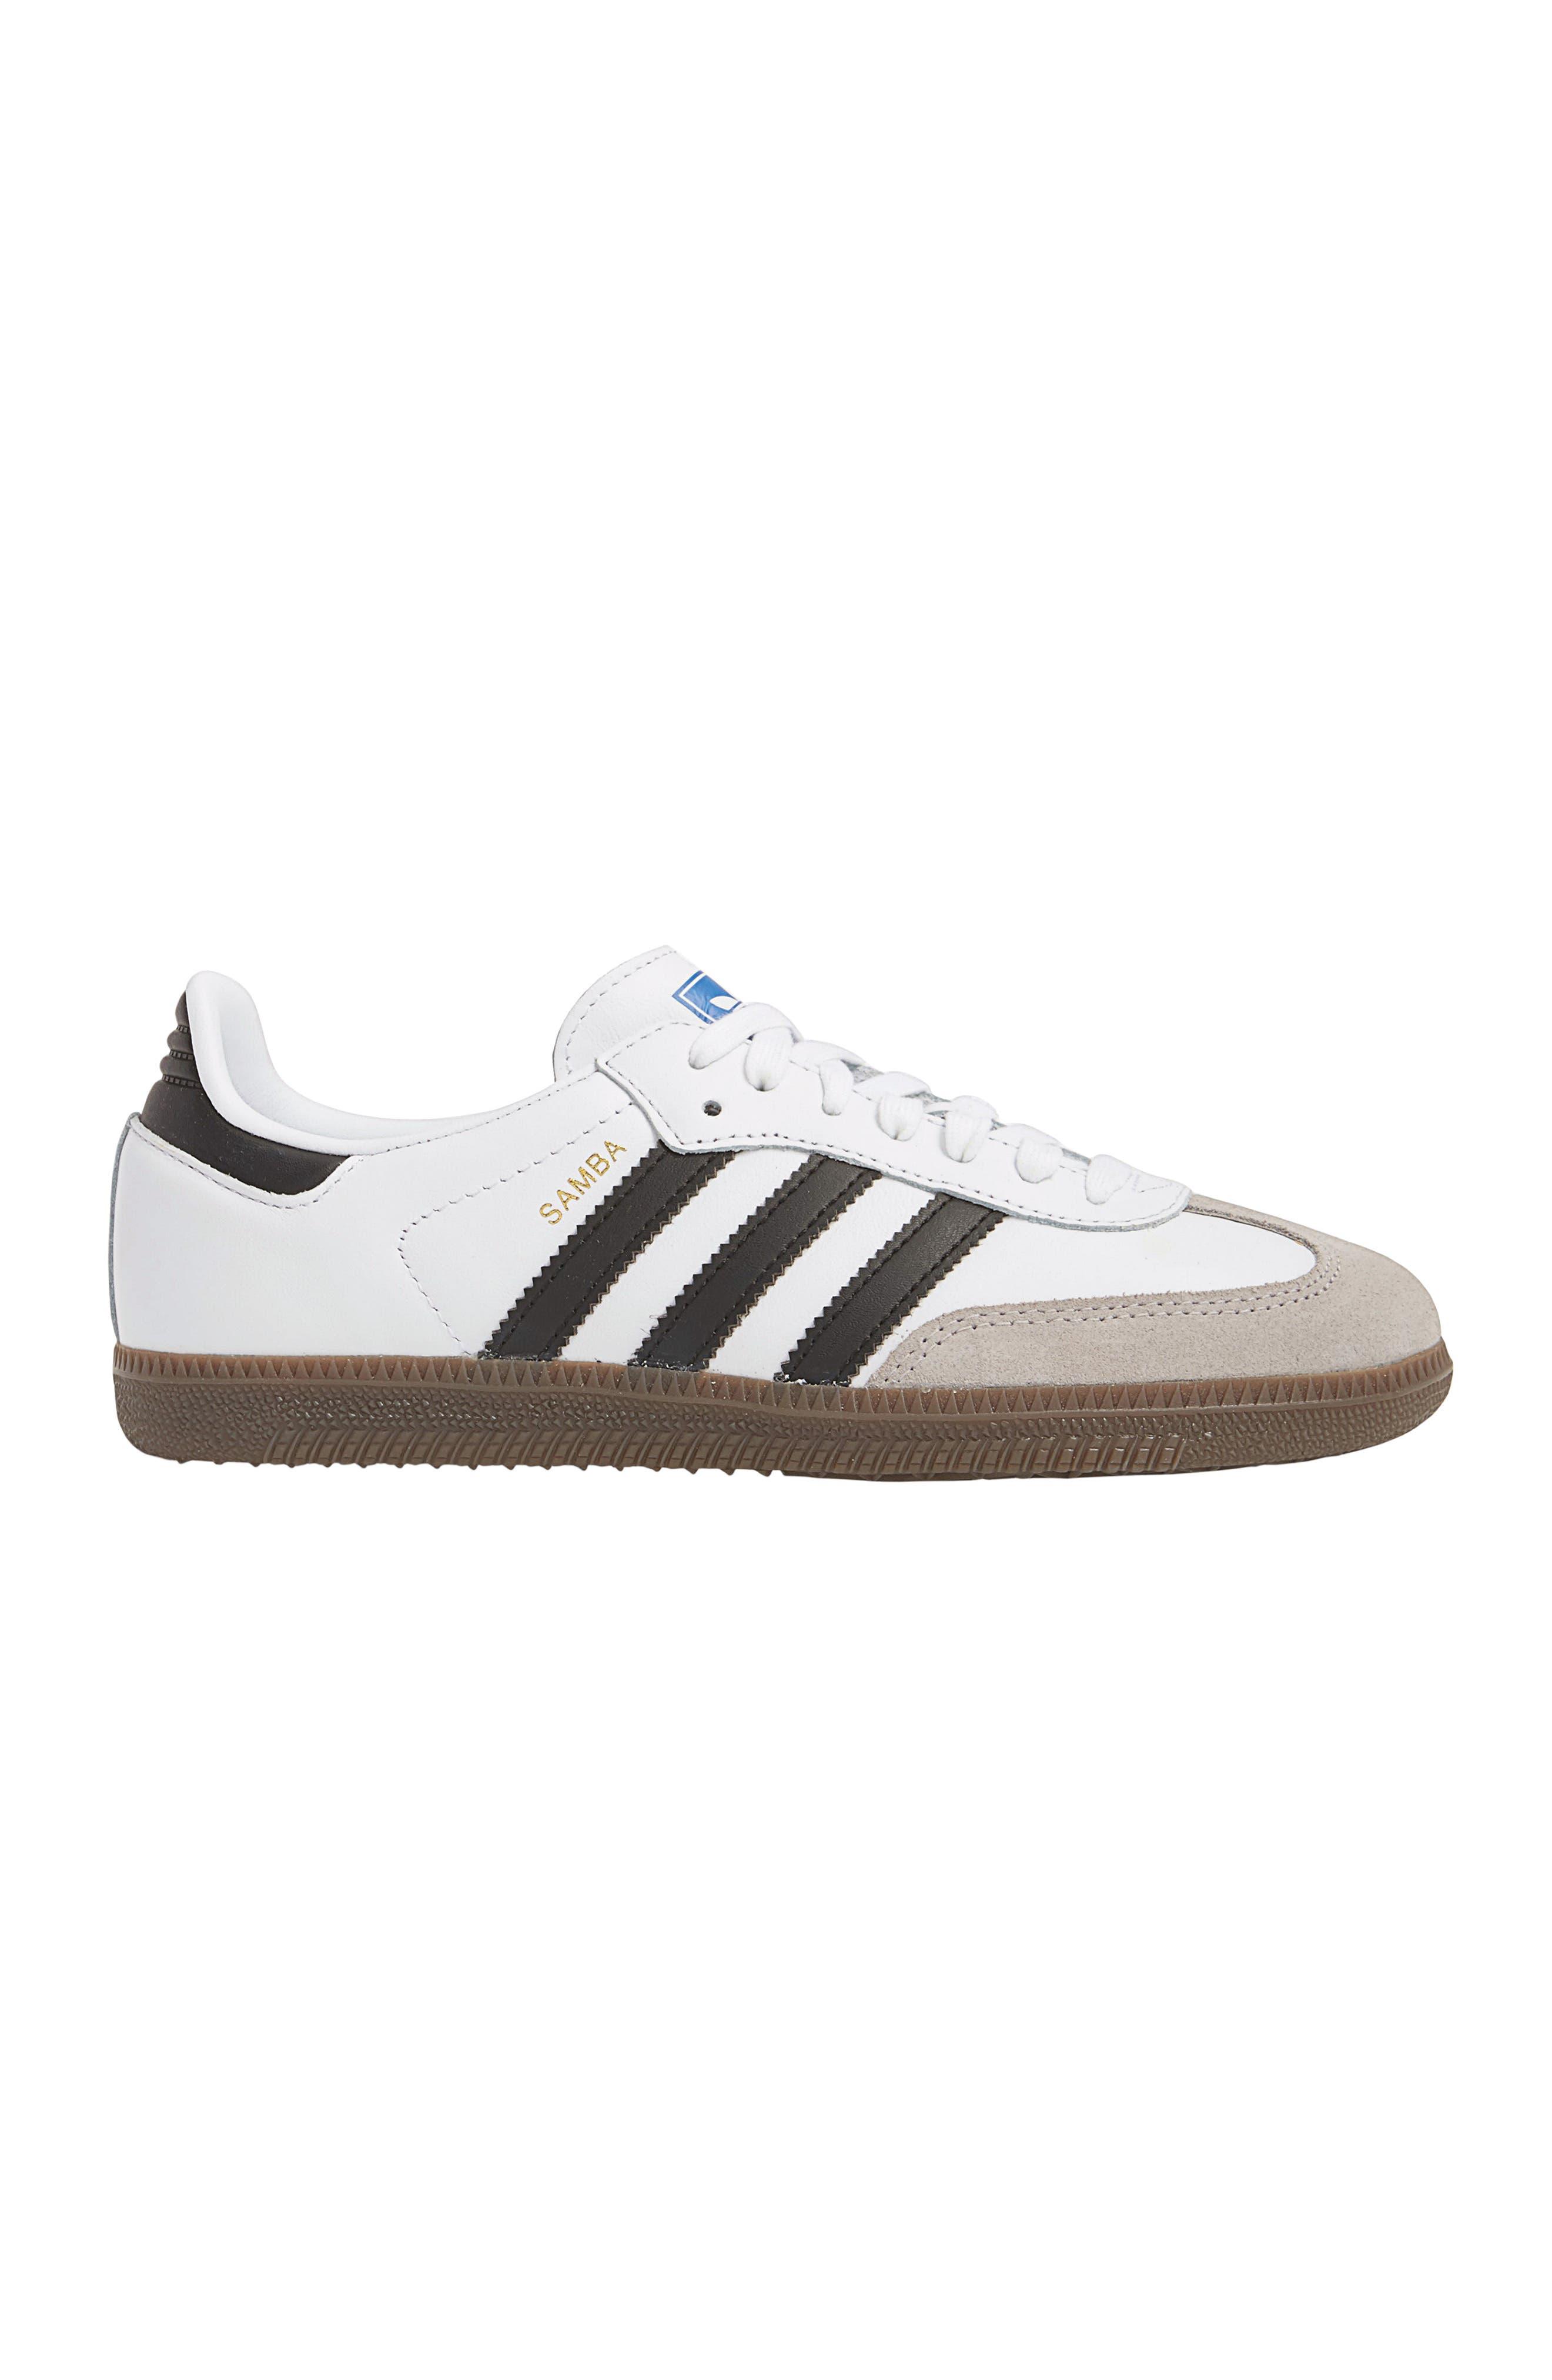 'Samba' Sneaker,                             Alternate thumbnail 7, color,                             BLACK/ WHITE/ GUM5